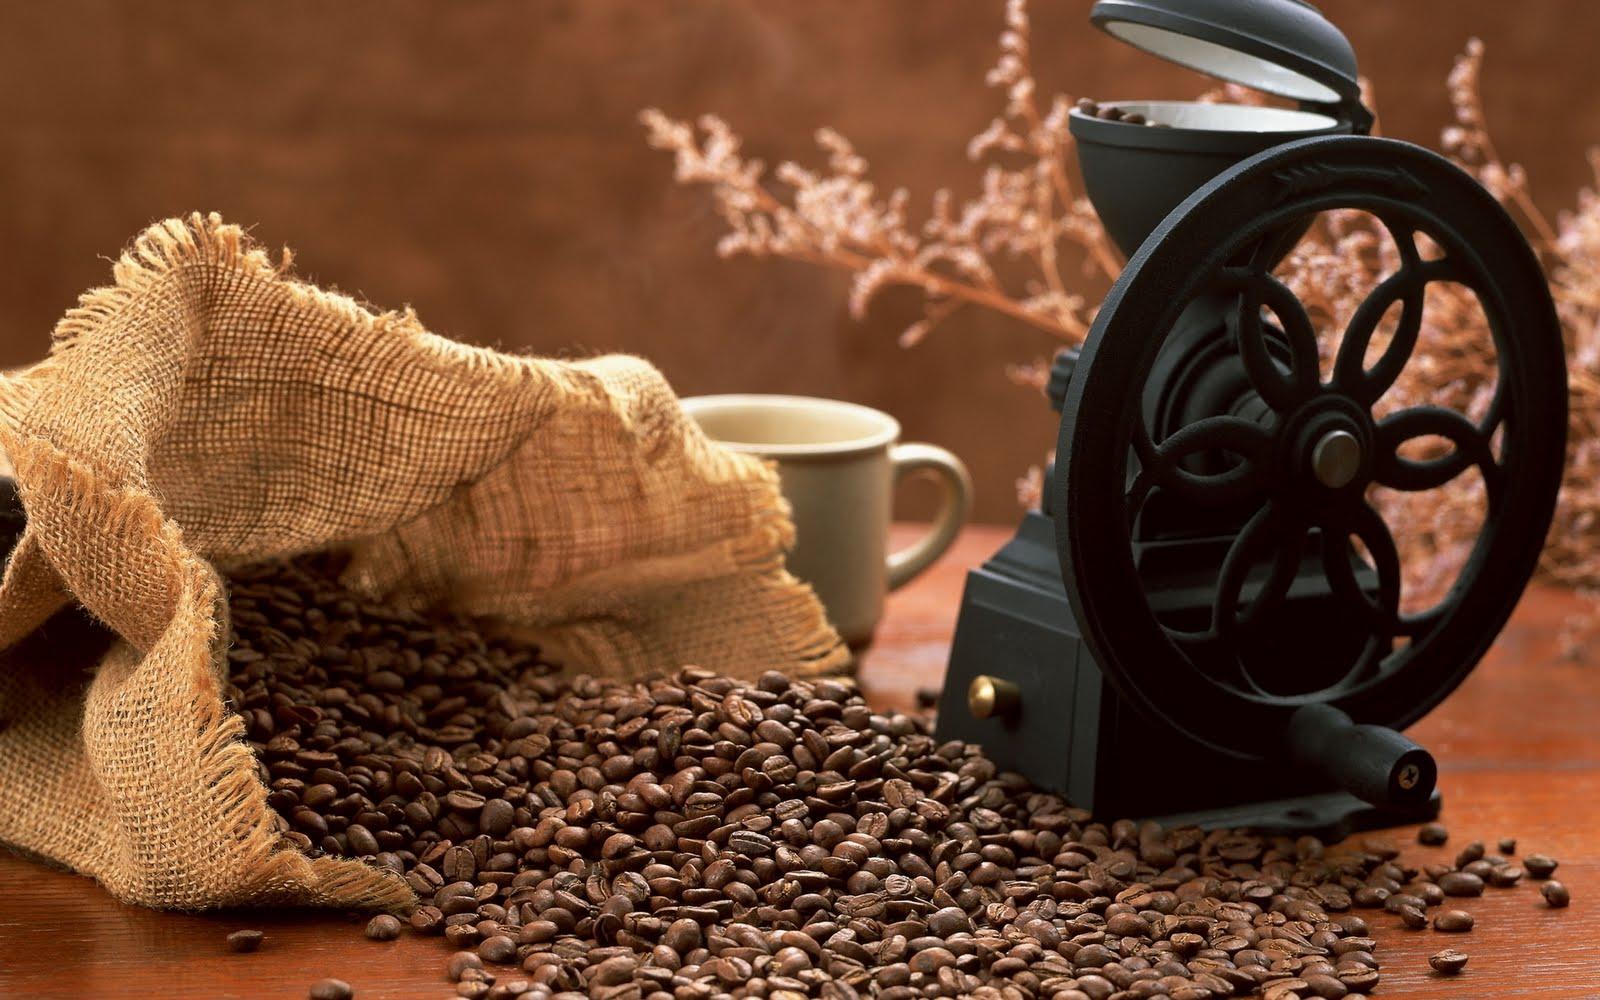 Molino de café | Coffee grinder